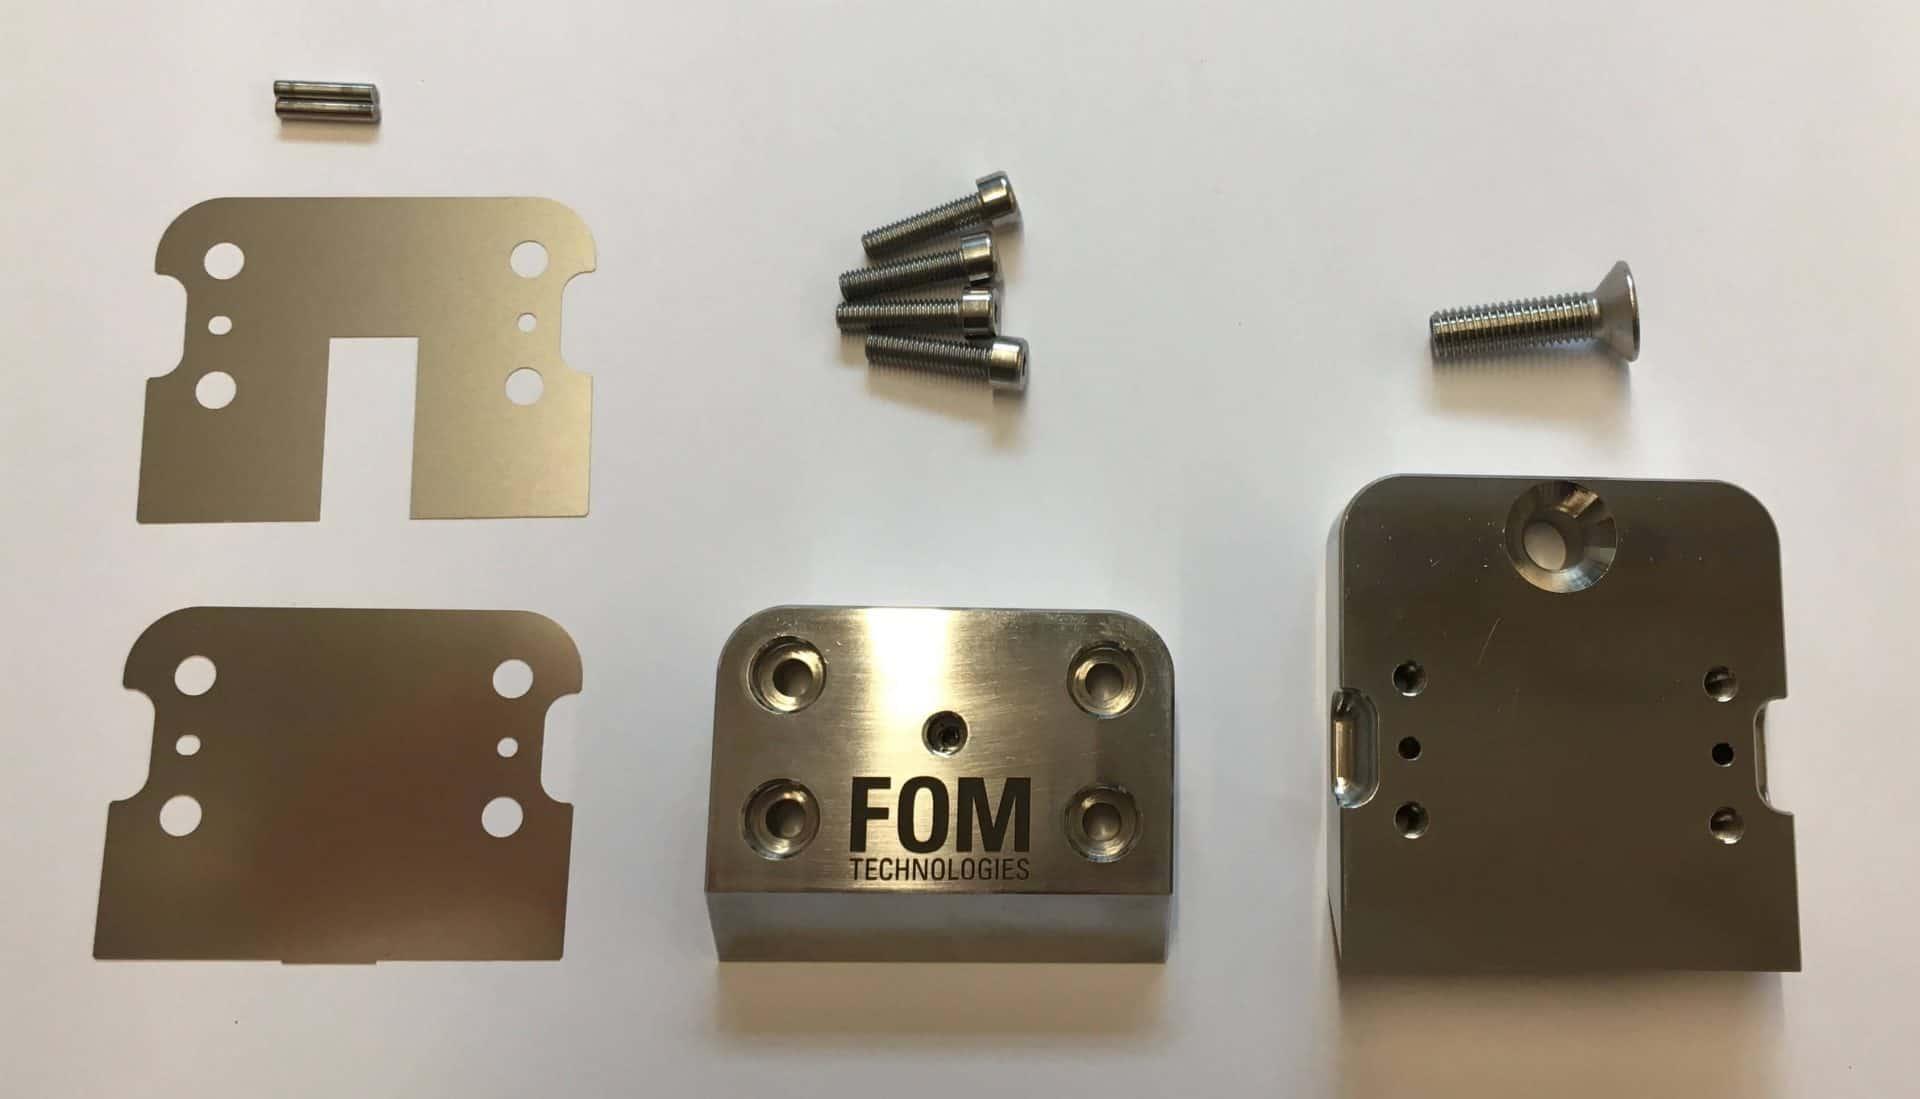 Slot die coating technology, model of slot-die coating process